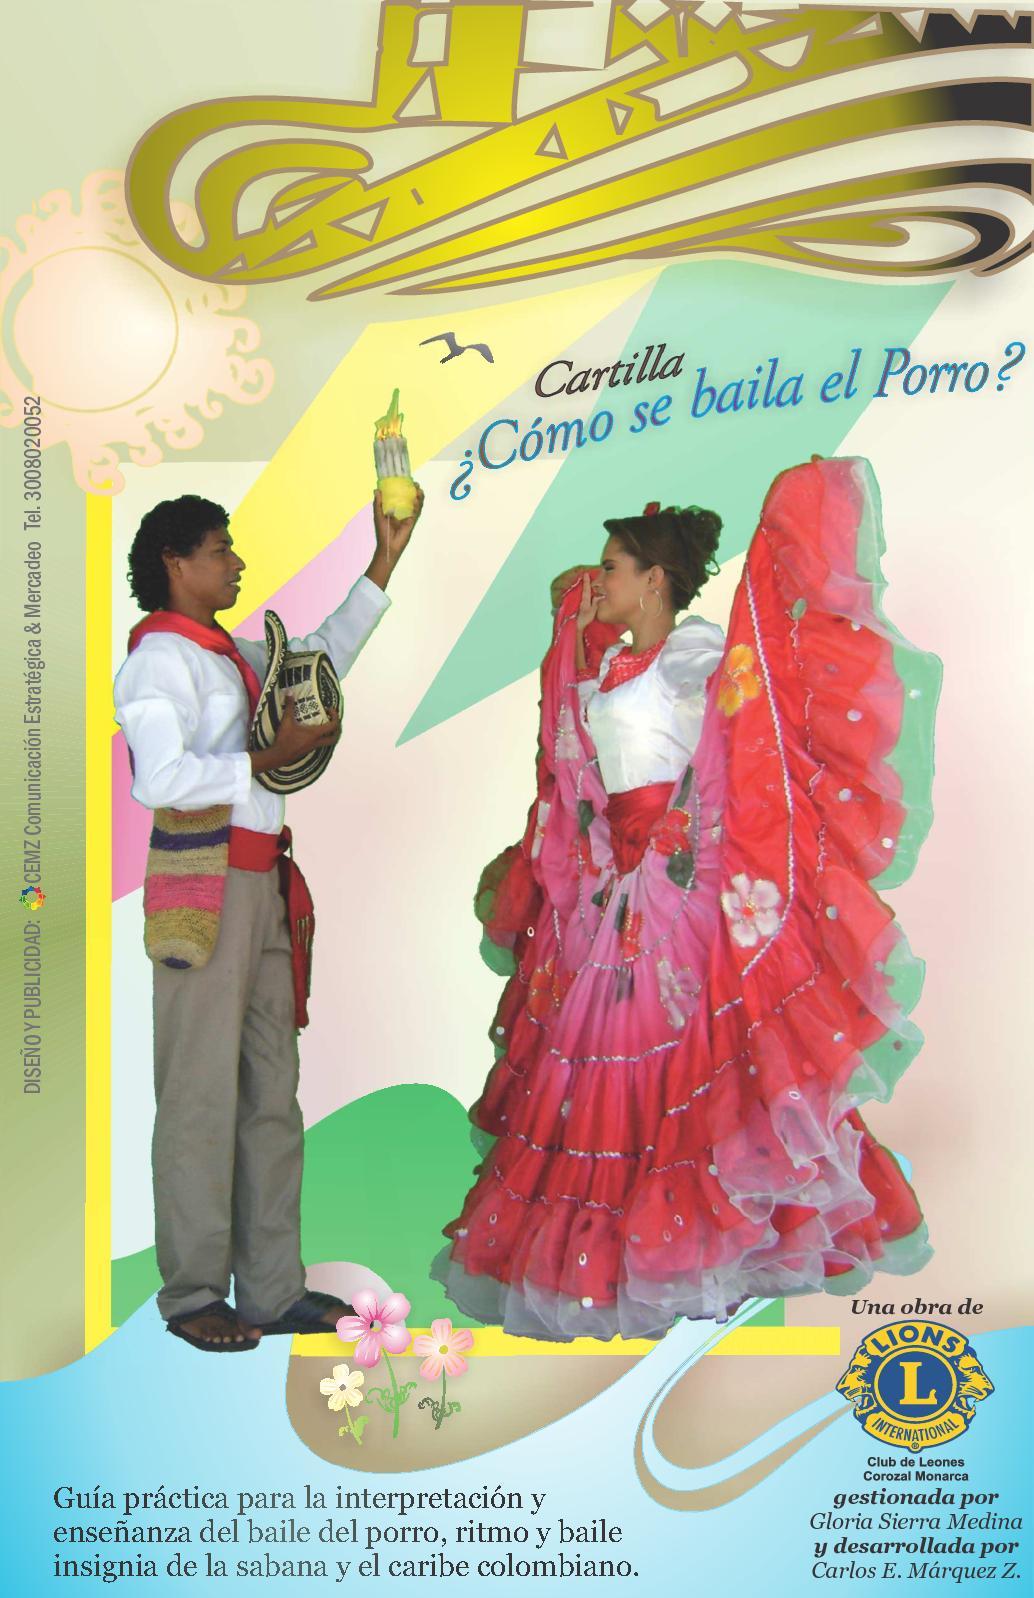 Calaméo Digital Cartilla Porro Baile Baile Calaméo Cartilla Porro Calaméo Digital N8wOPXn0k